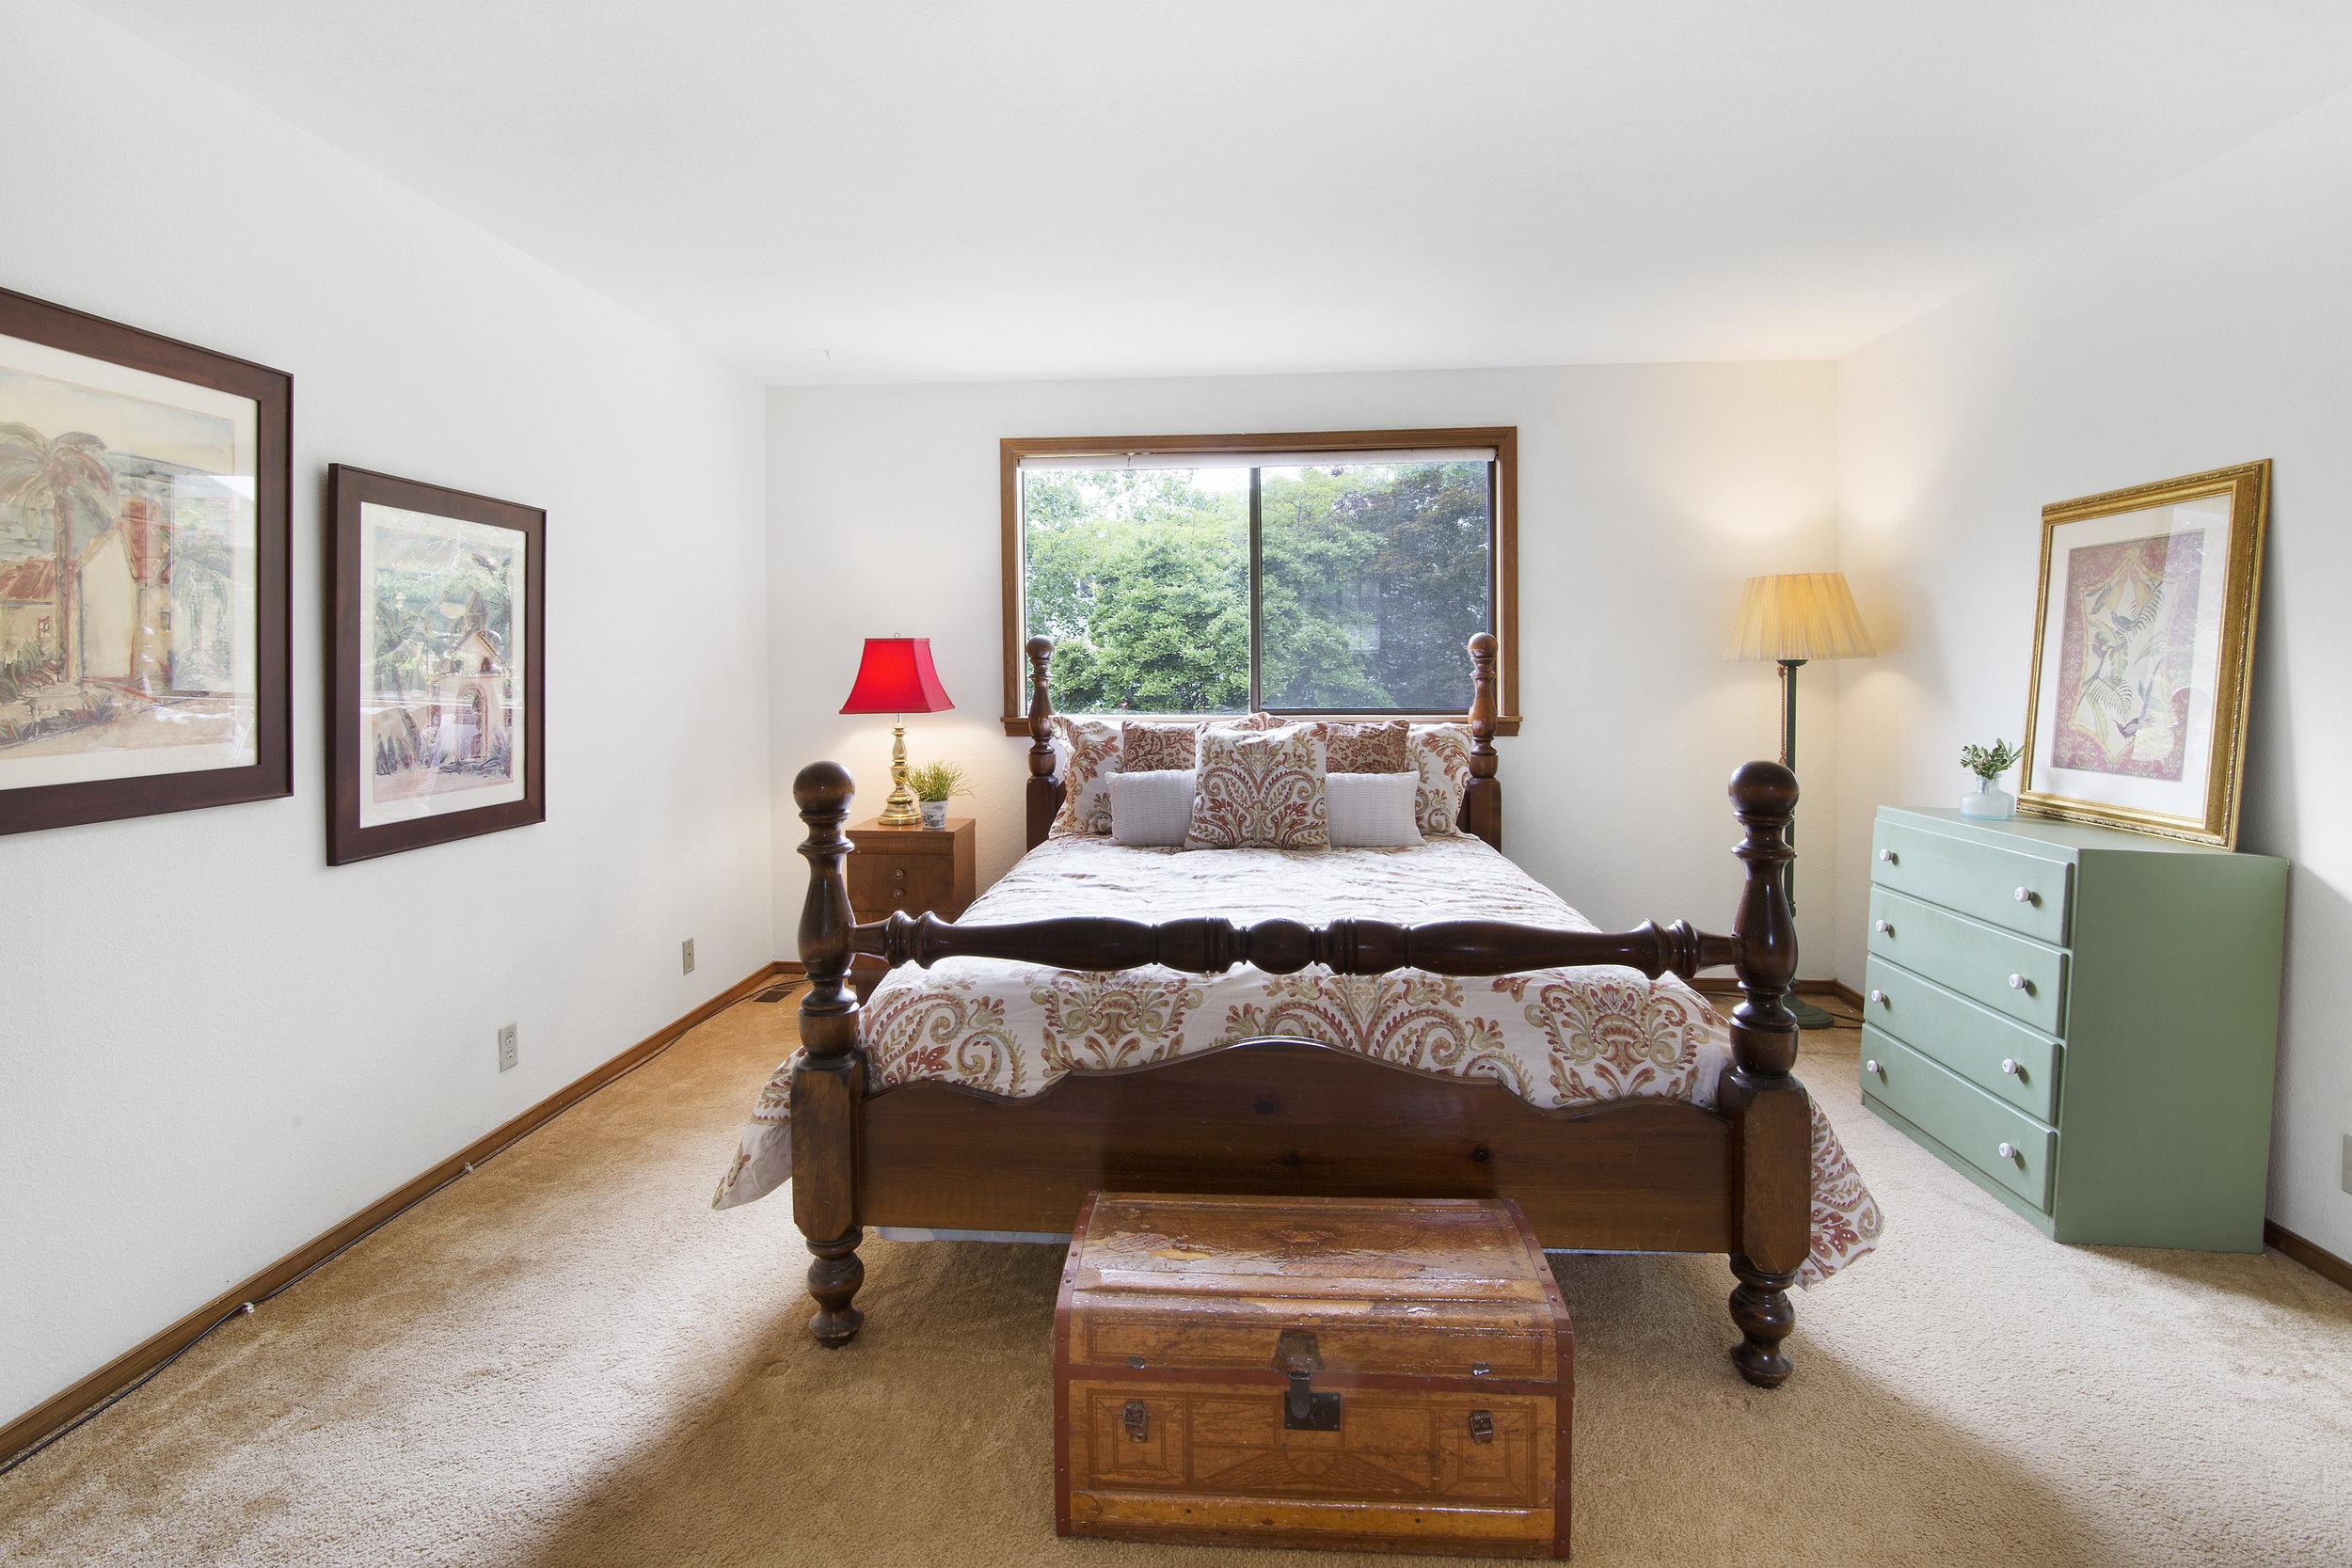 bothell_cul--de-sac_master bedroom.jpg